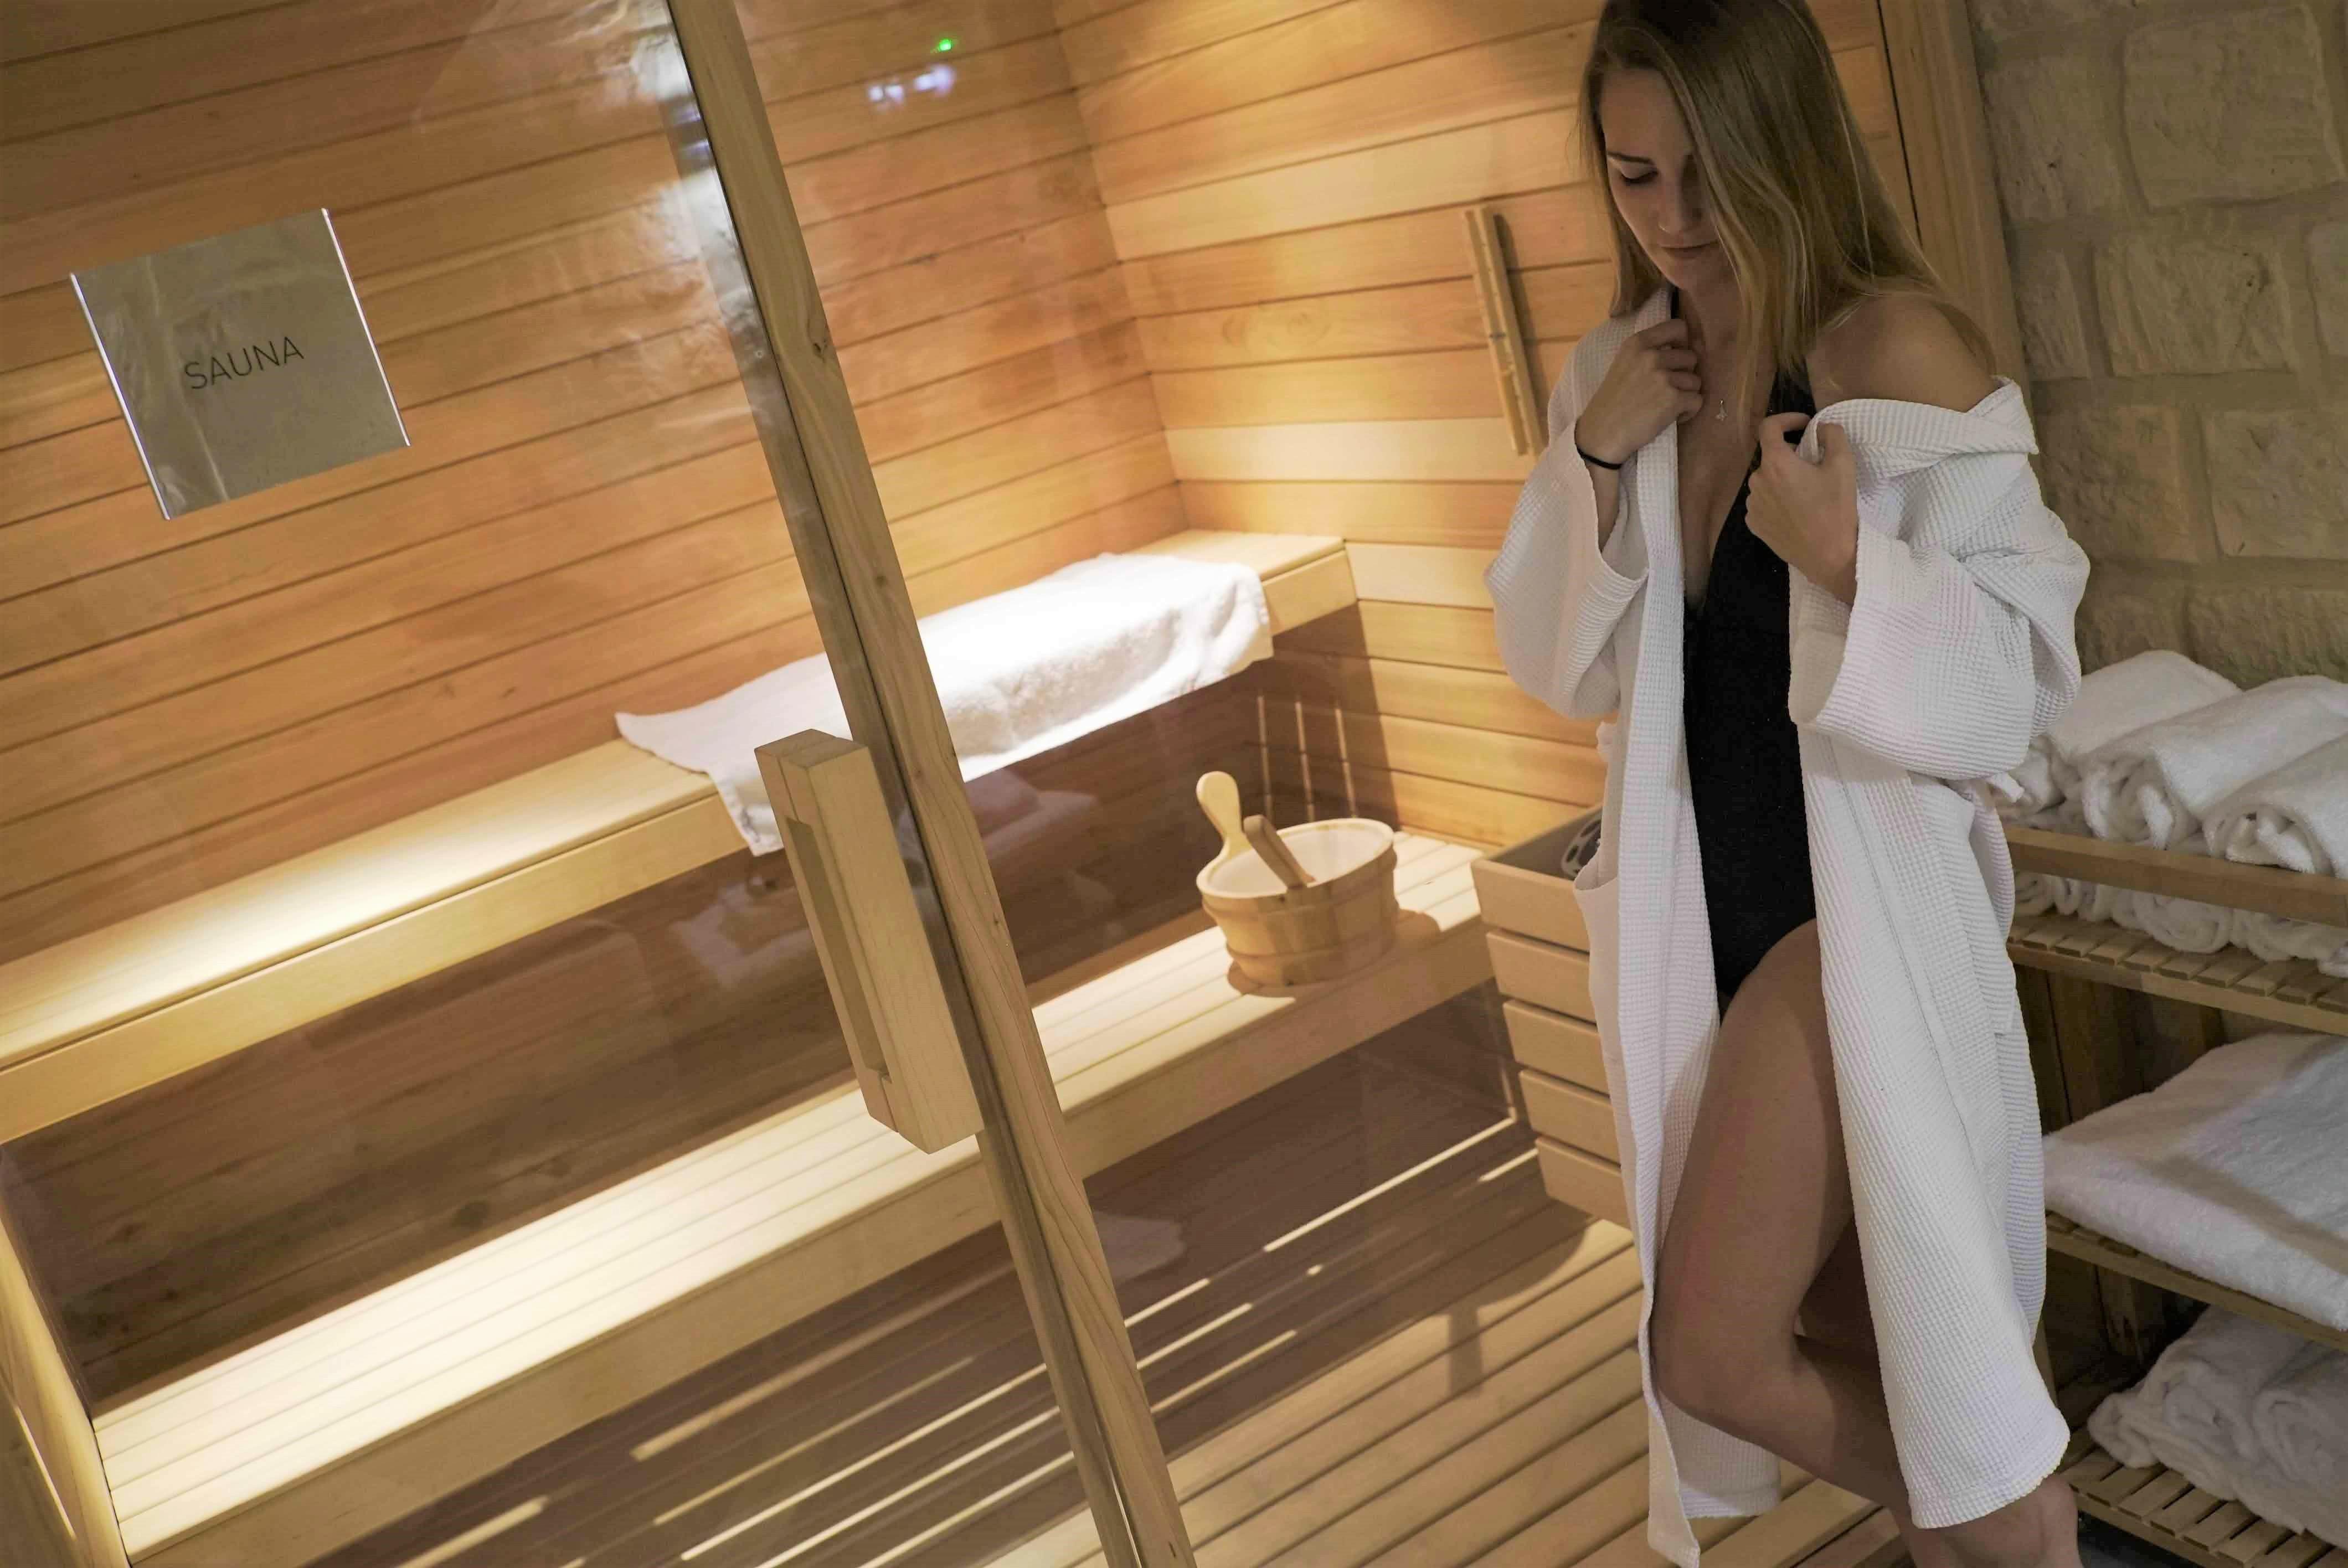 Prix D Un Sauna luxury hotel spa paris | hotel r de paris | official site